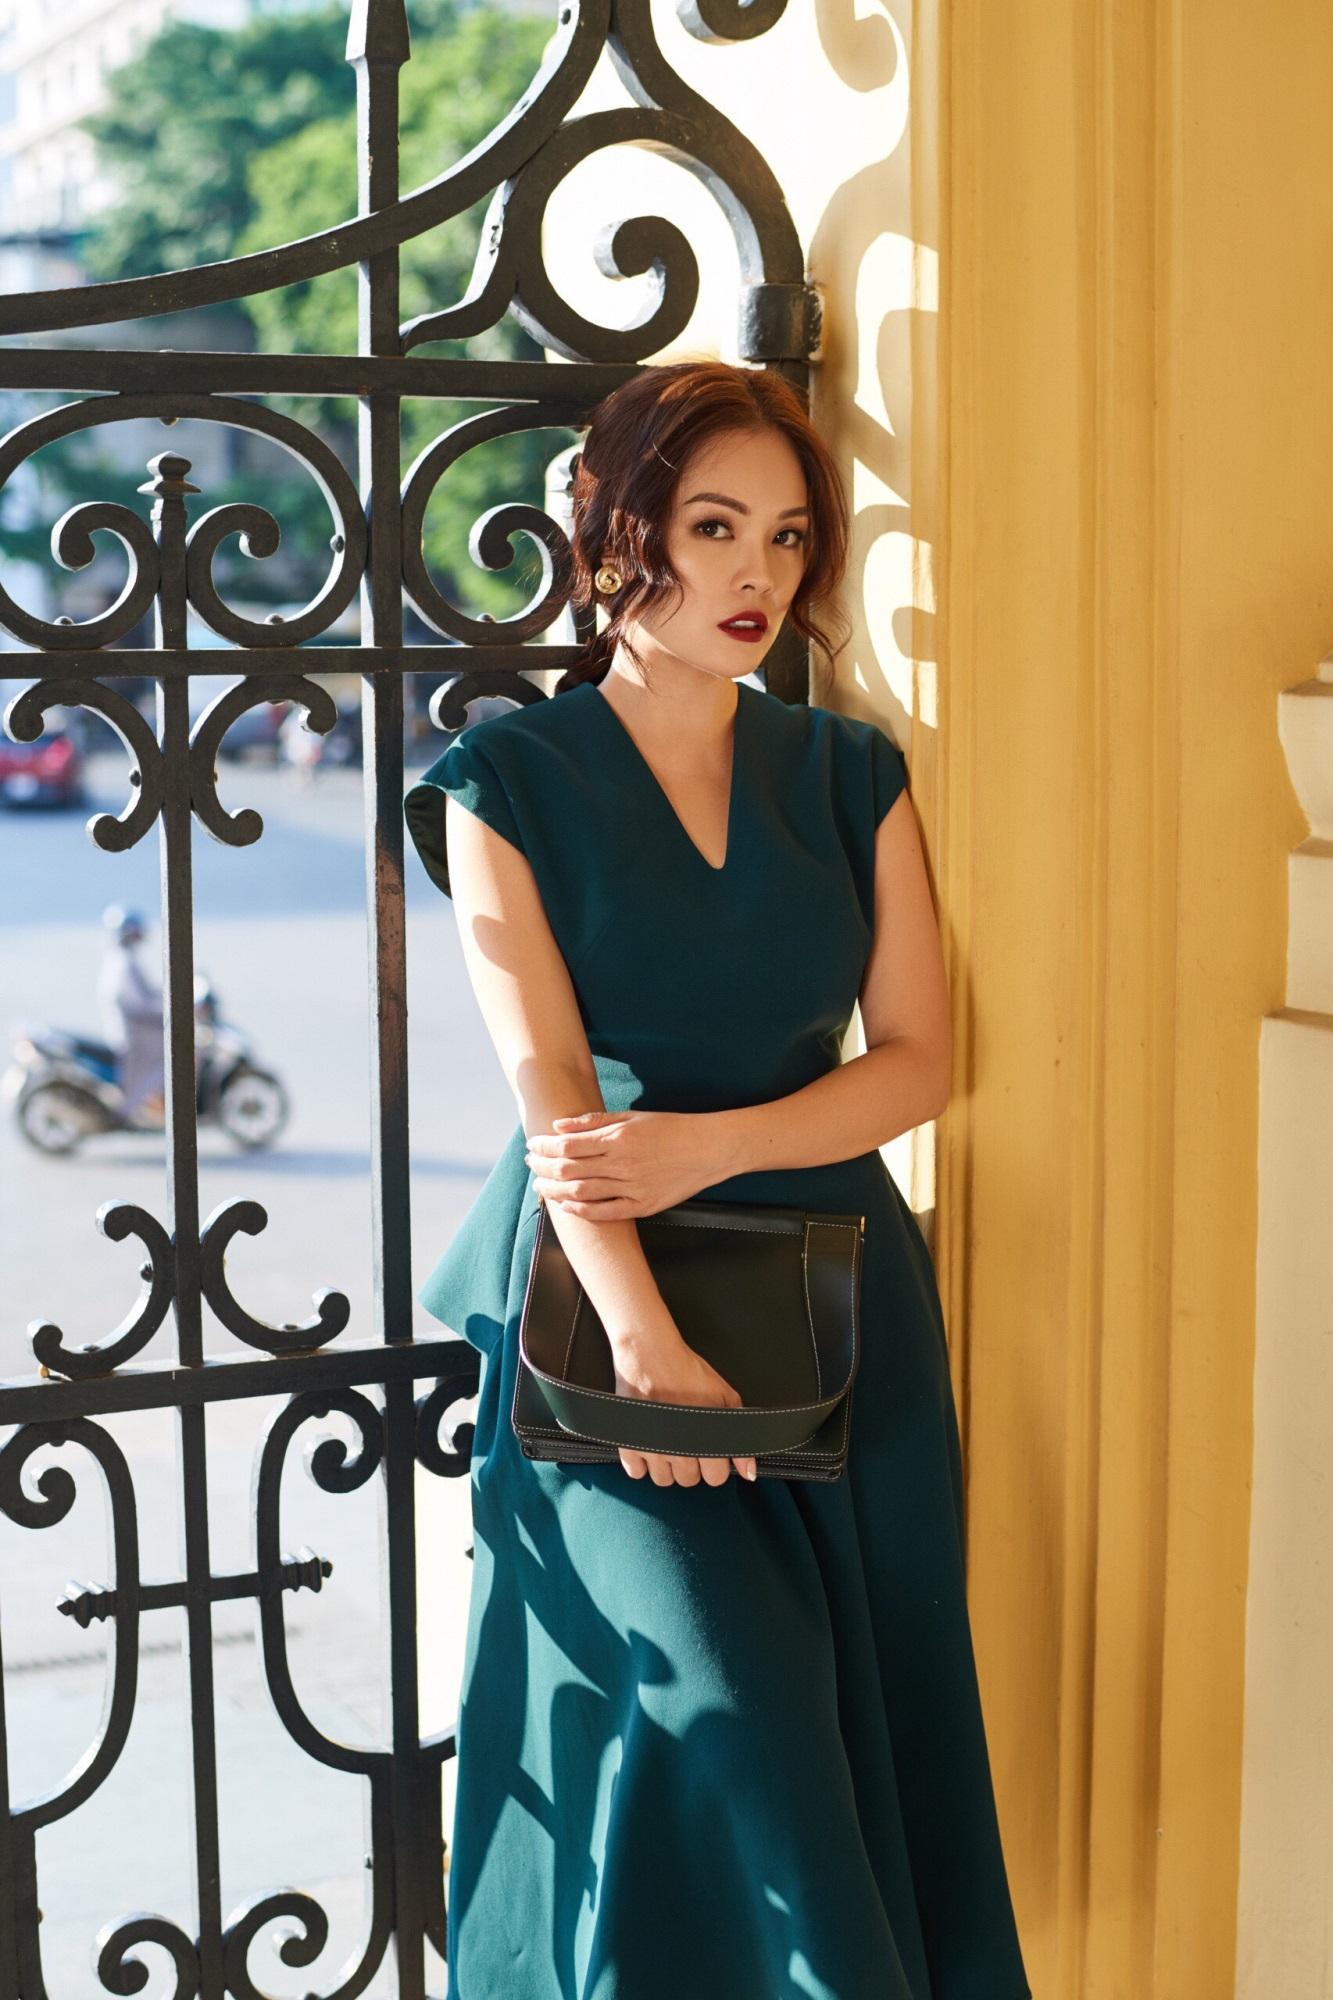 'Bà mẹ đơn thân' Dương Cẩm Lynh khoe nhan sắc rạng ngời với street style sang trọng - Ảnh 7